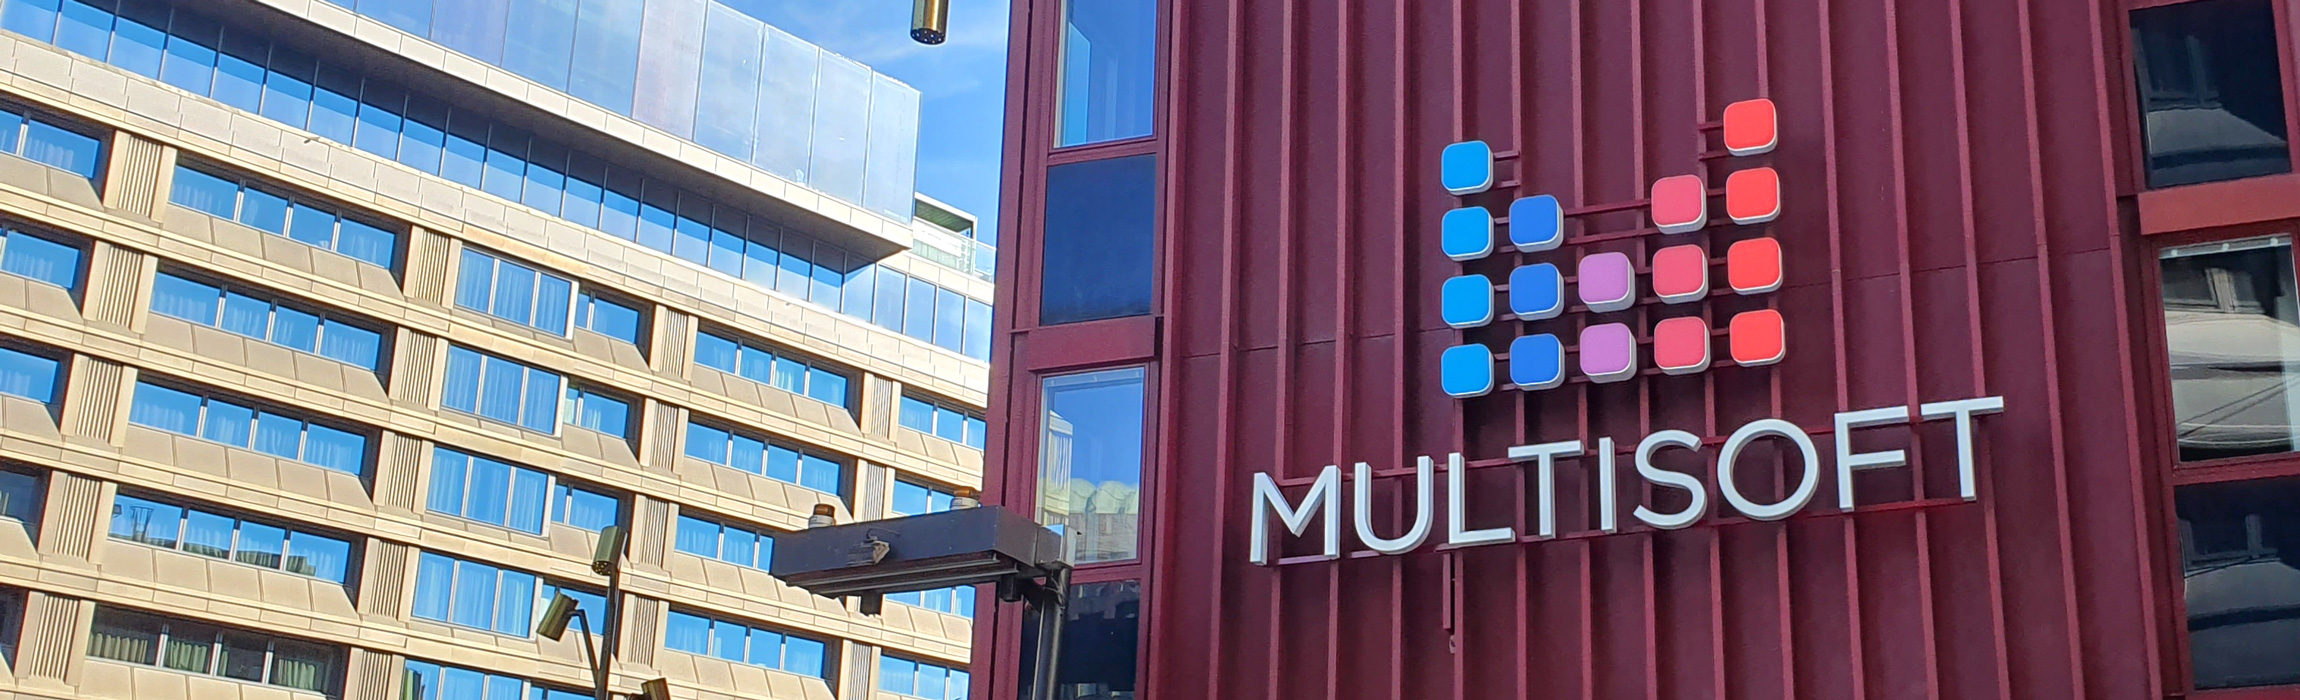 Brunkebergstorg Multisoft